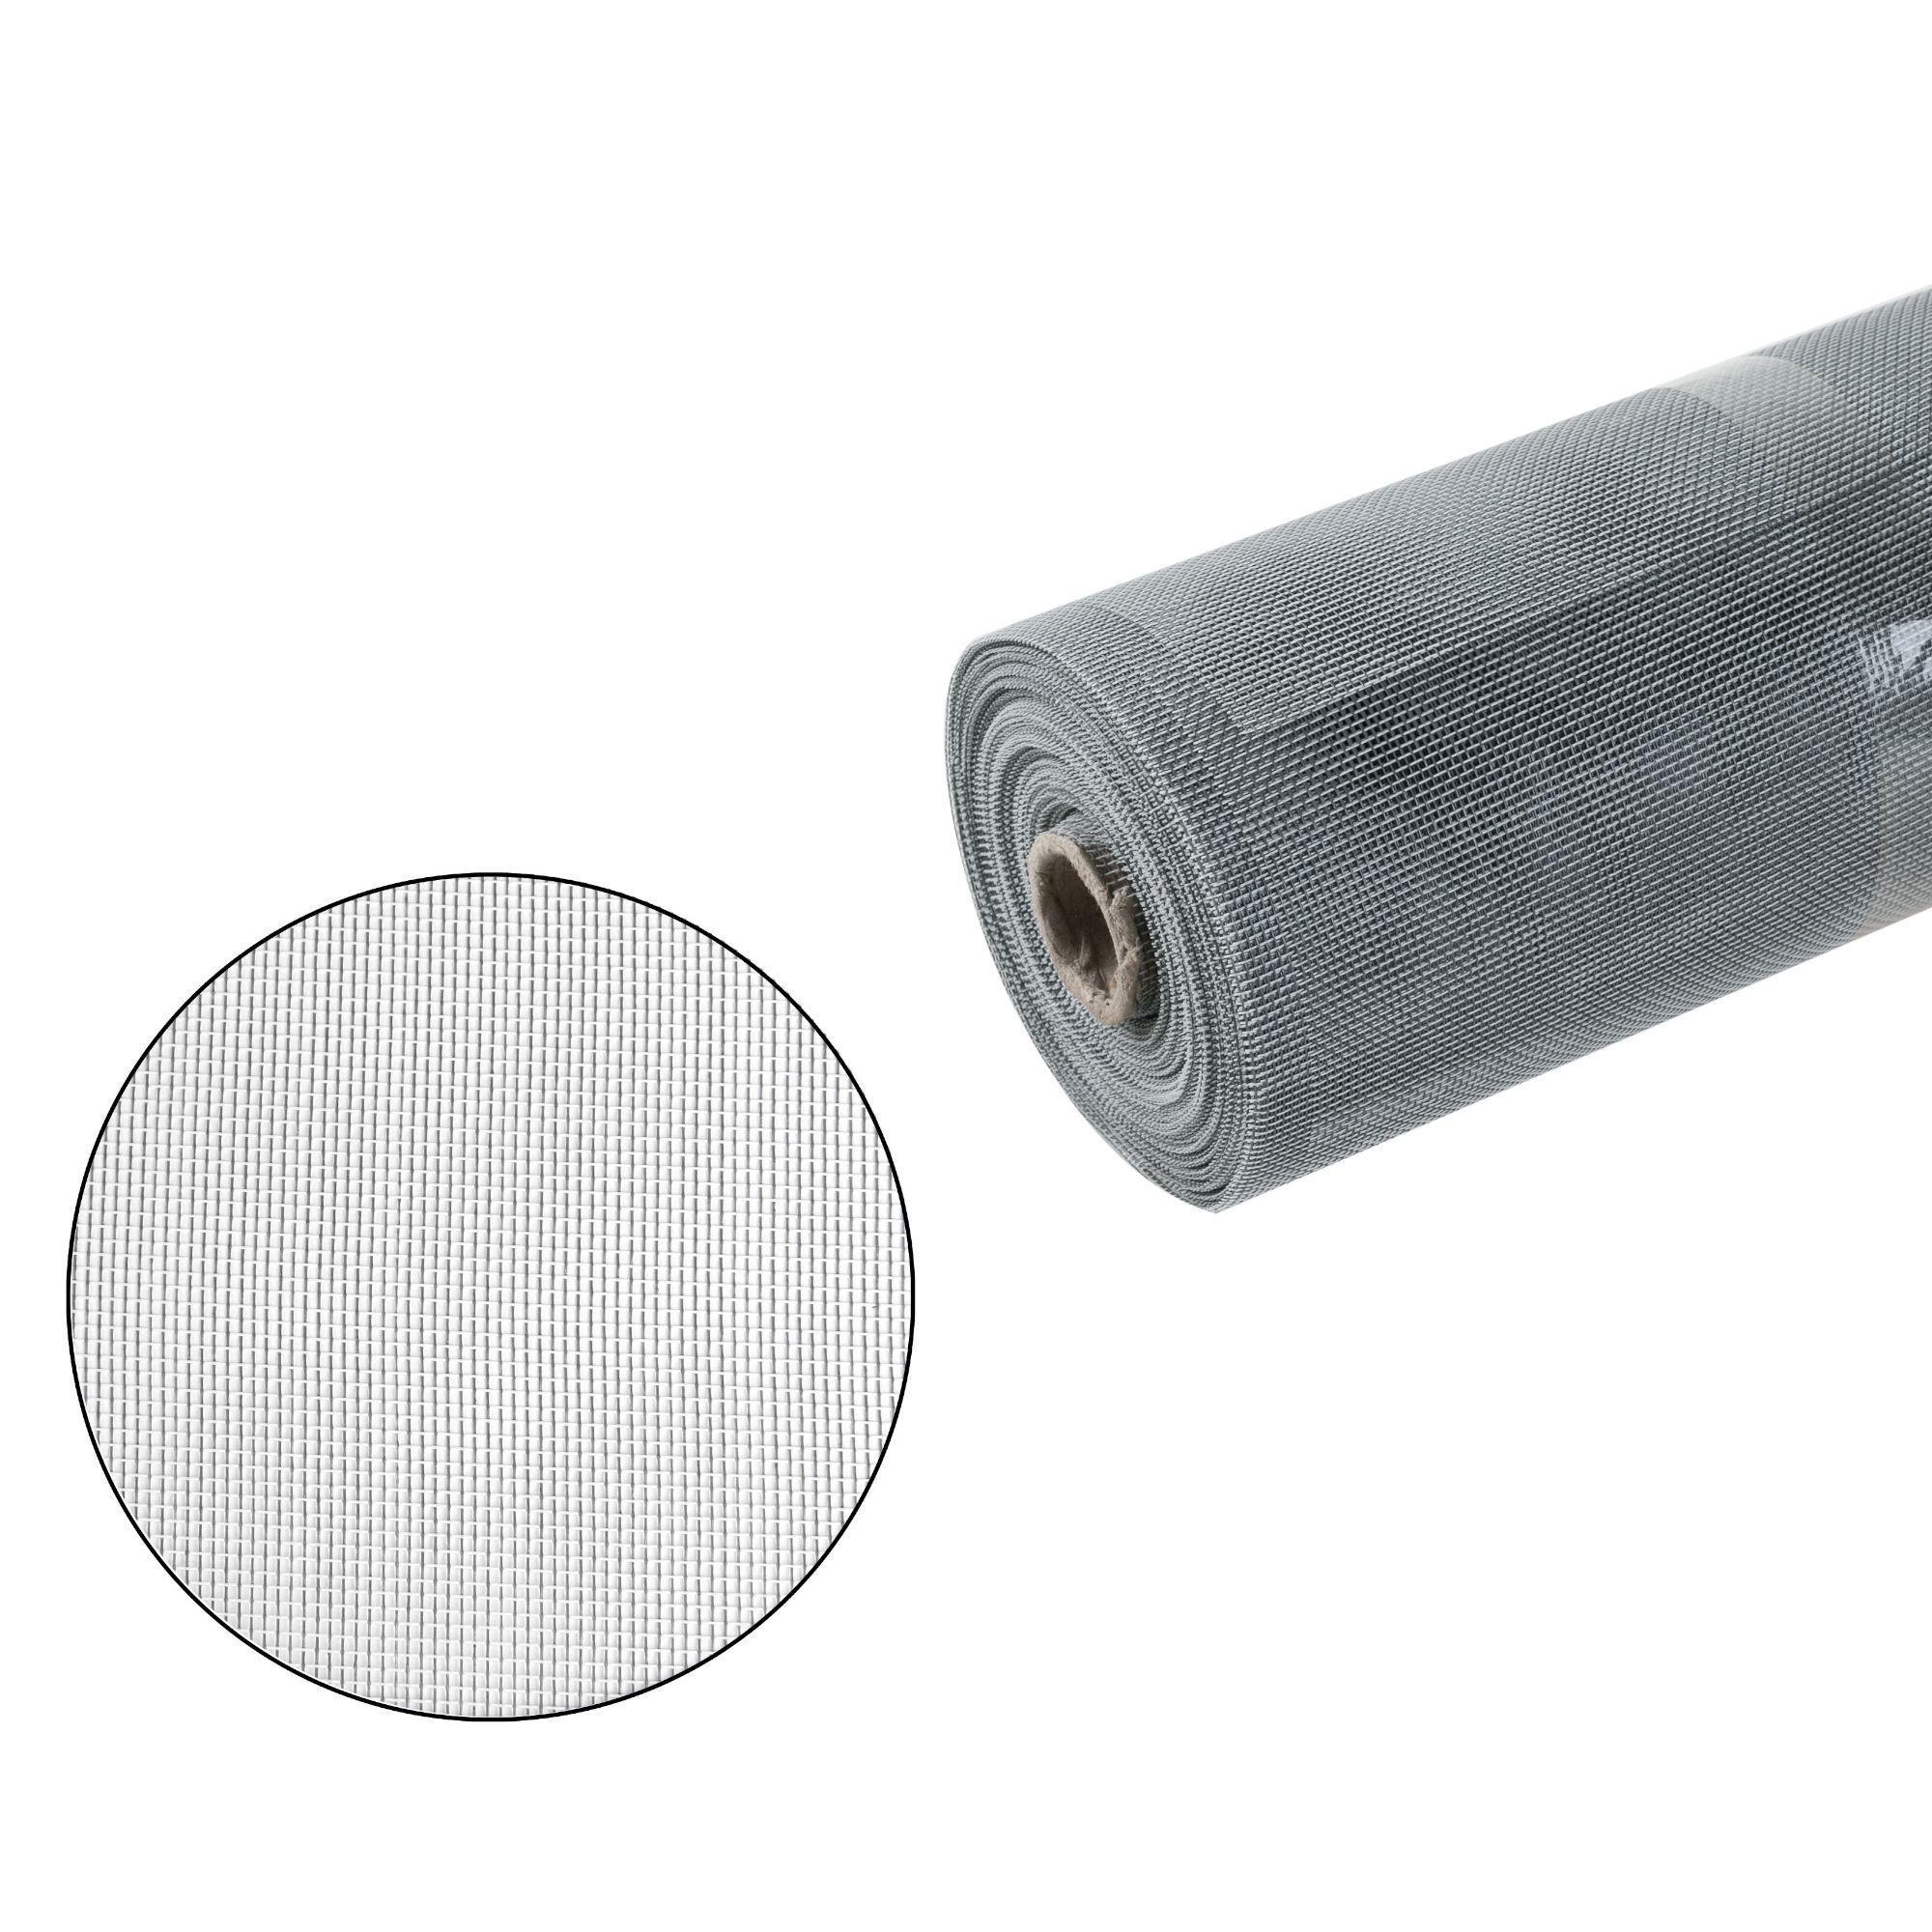 Síť proti hmyzu v roli, sklovlákno, rozměr 100cm x 30m, šedá